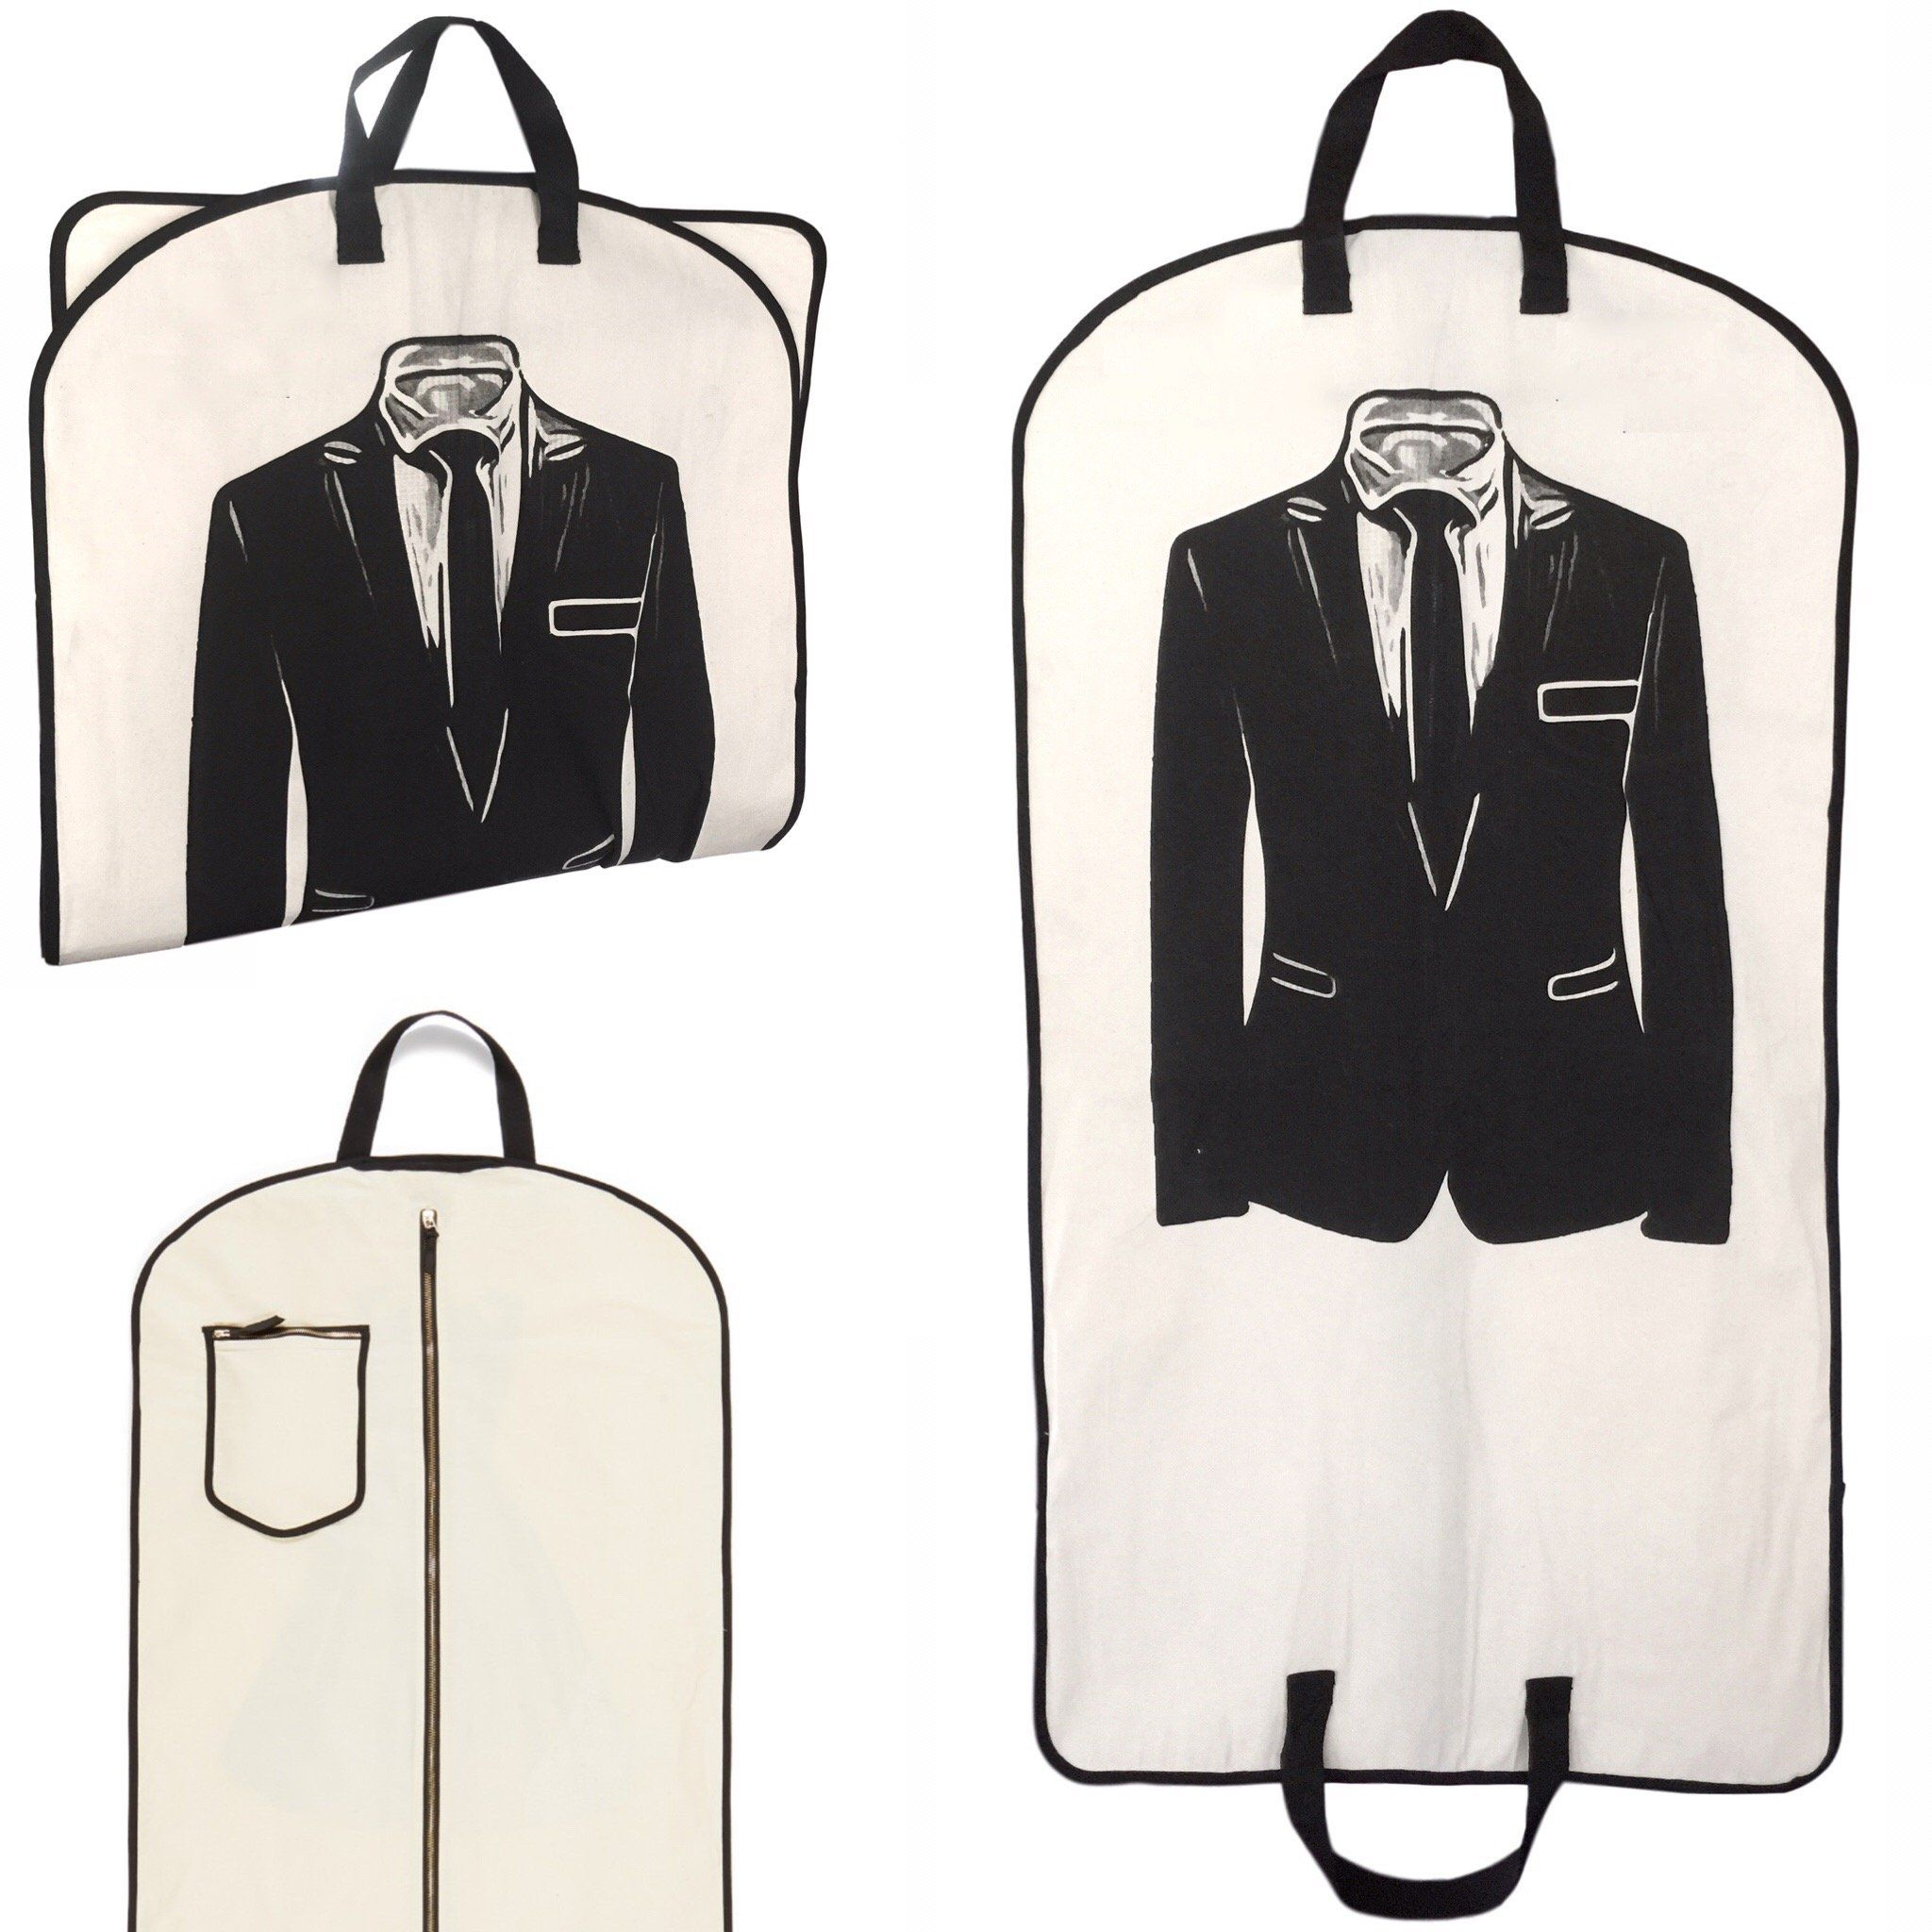 Men S Suits Garment Bag Con Imagenes Lavanderia Y Tintoreria Bolsos Cartera Trajes